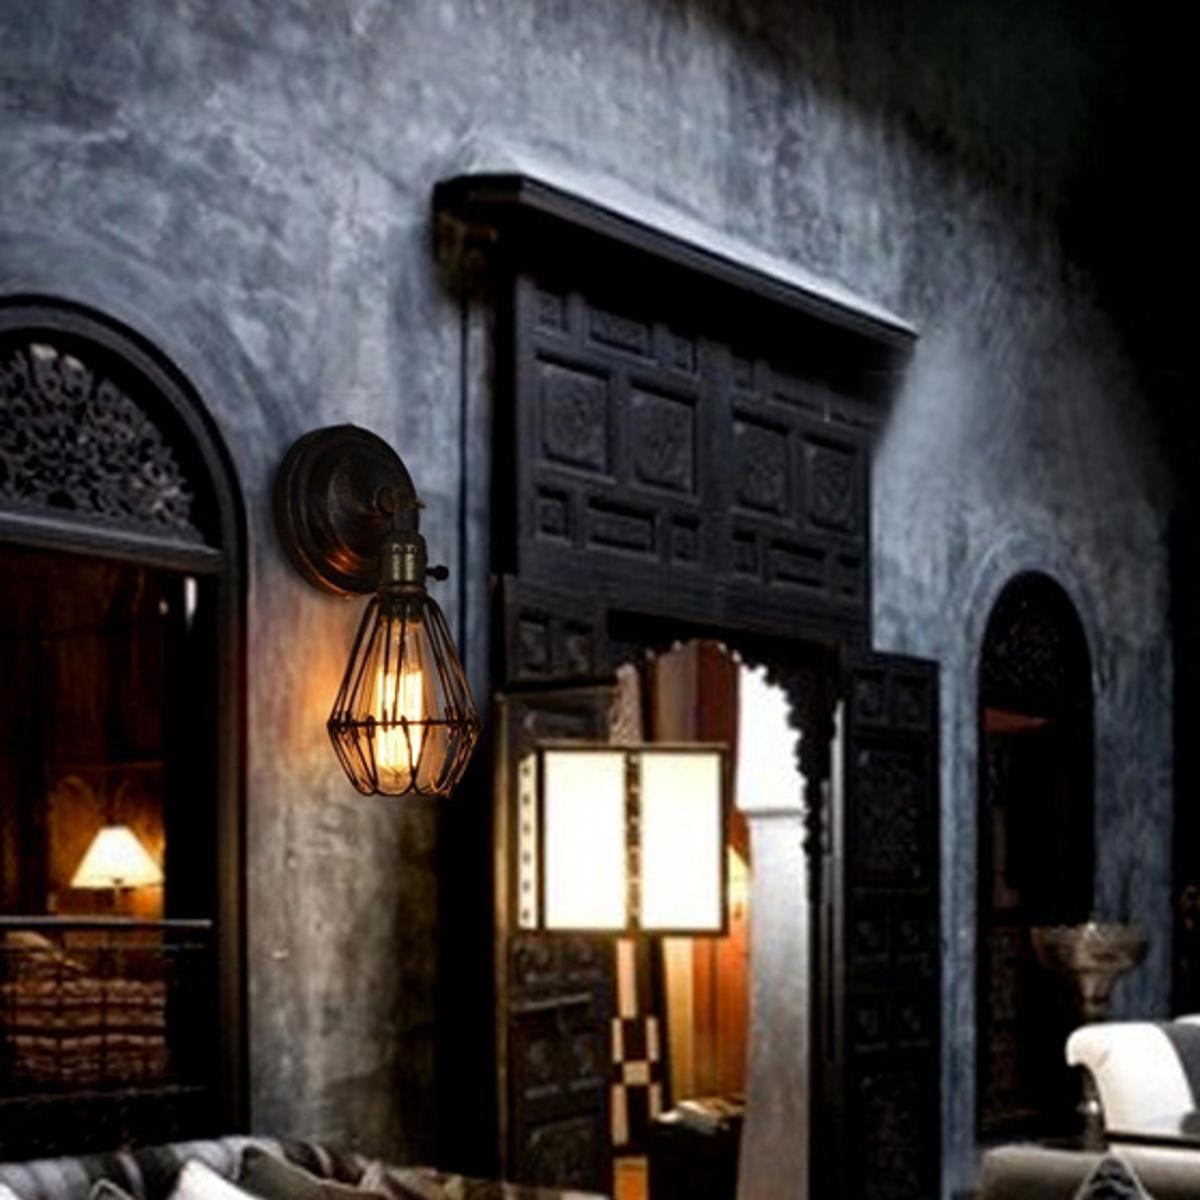 Vintage industriel lampe murale lustre edison applique for Applique murale exterieur ebay